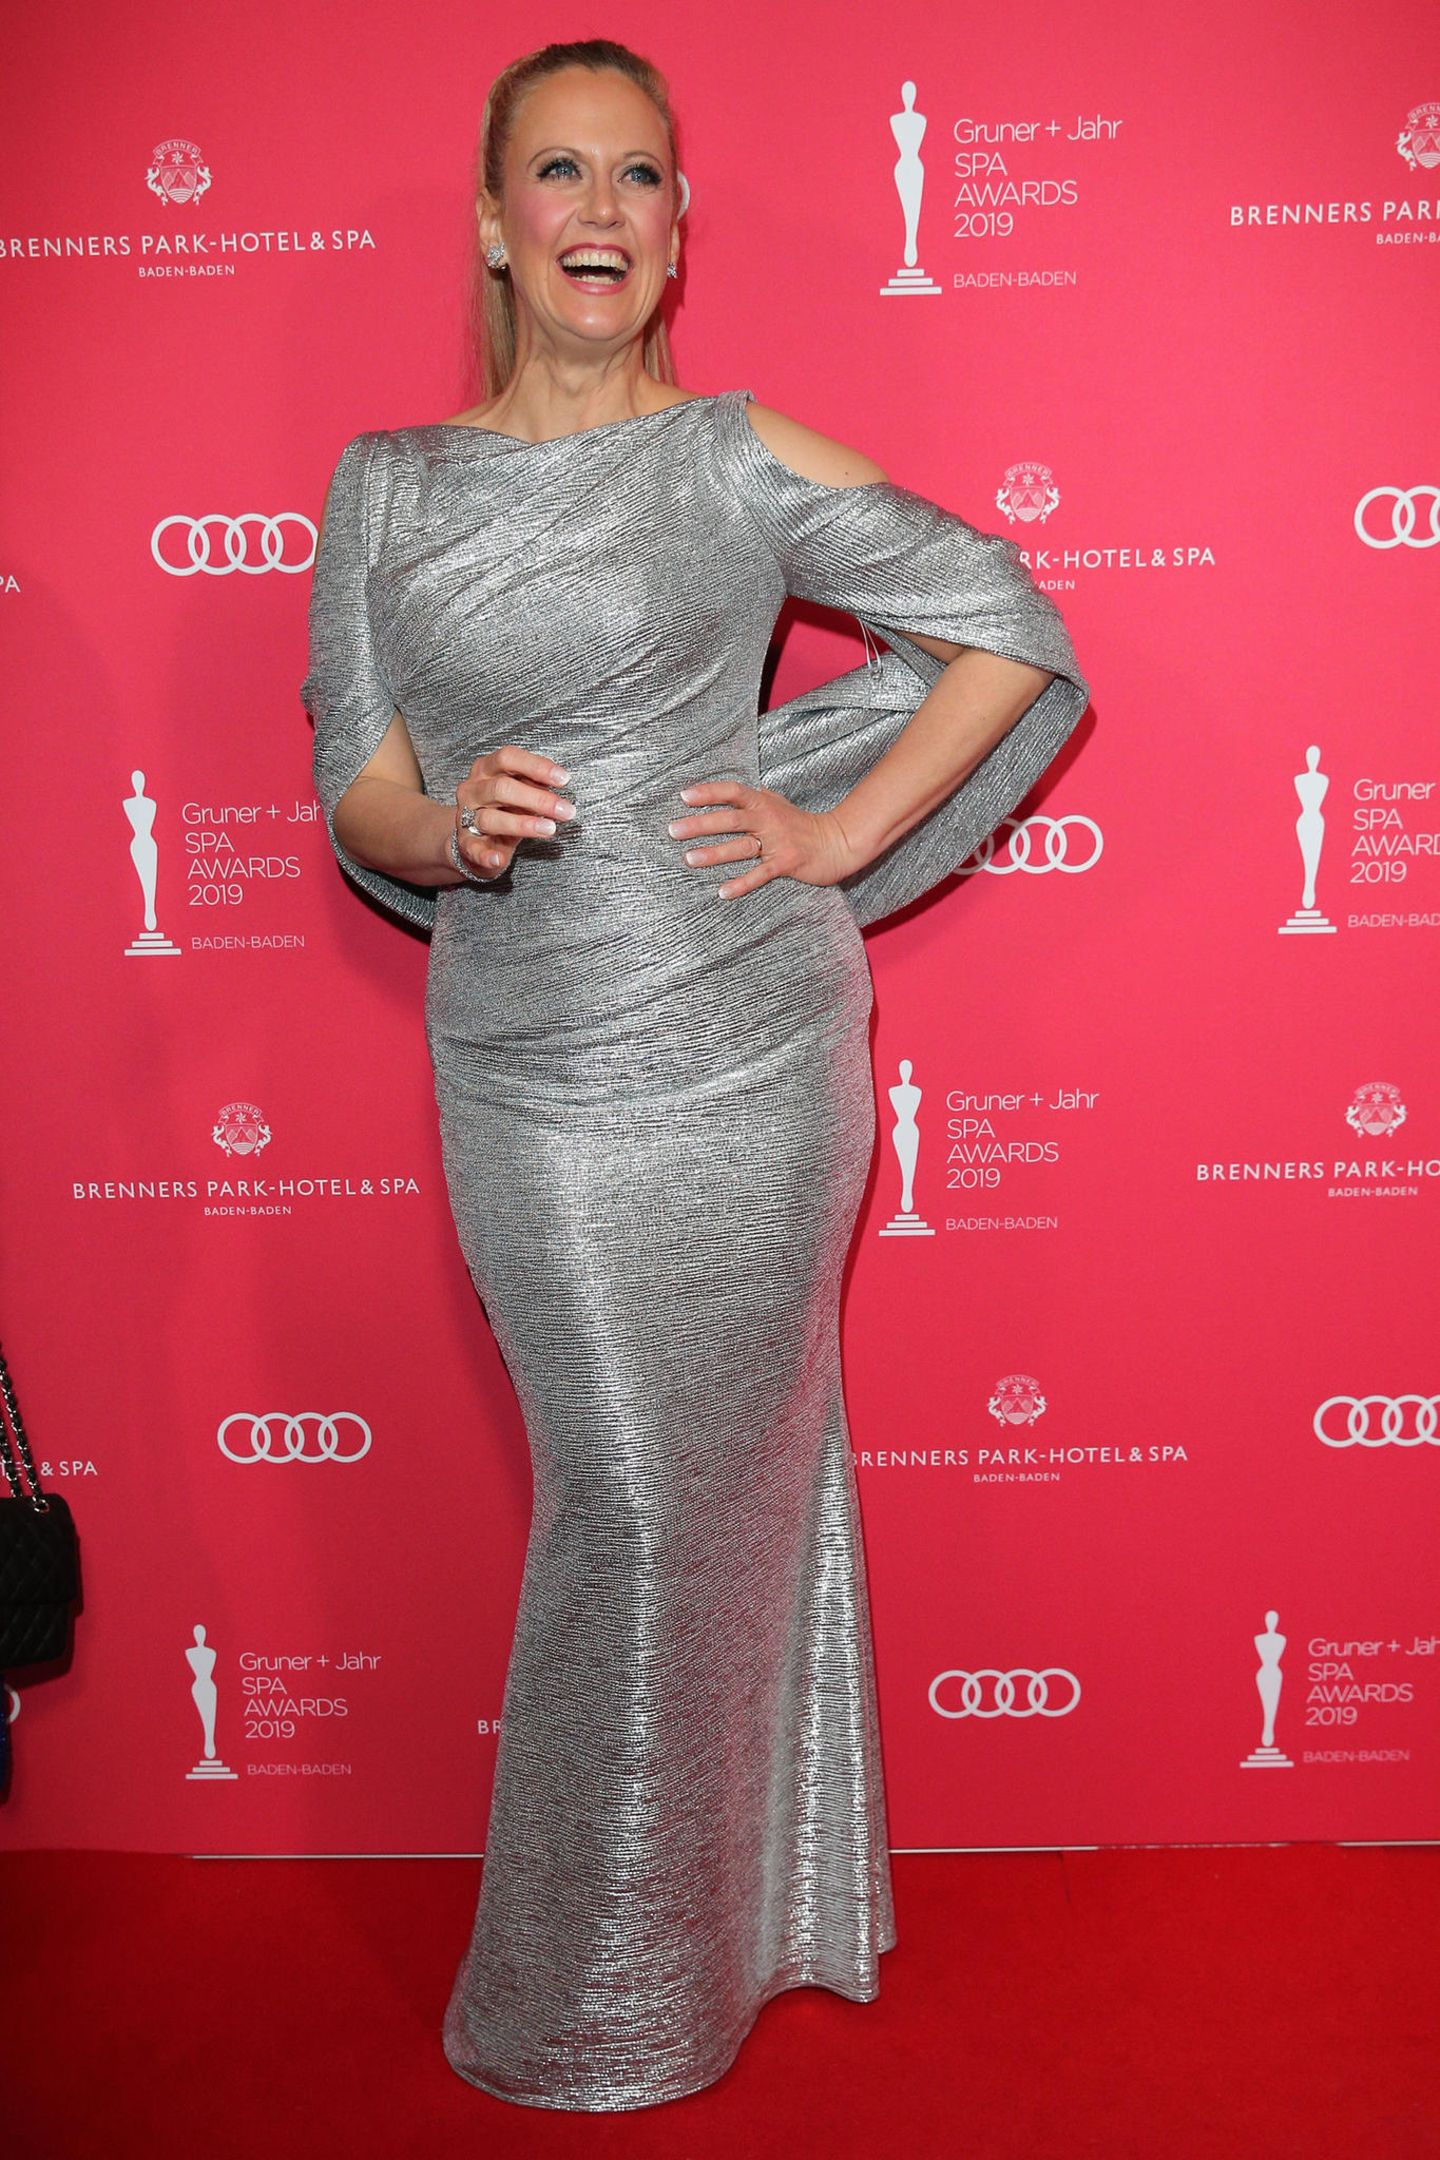 Barbara Schöneberger begeistert auf dem Red Carpet wie immer mit ihrer guten Laune und dem tollen Style. Der Glamour-Look stammt von Talbot Runhof.